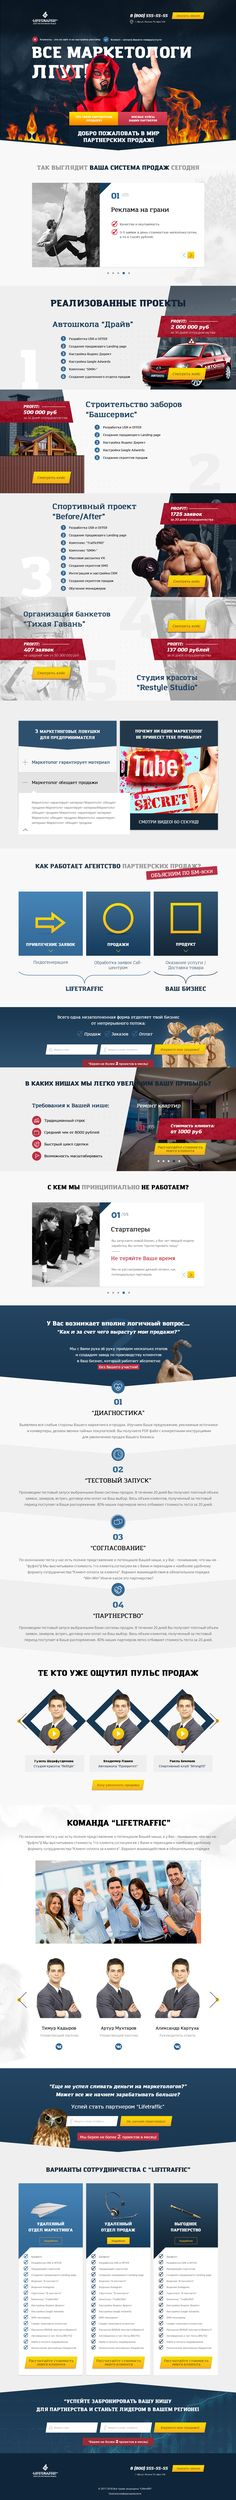 Design on Marketing Agency. Ui Ux Design, Landing, Design Inspiration, Marketing, Group, Website